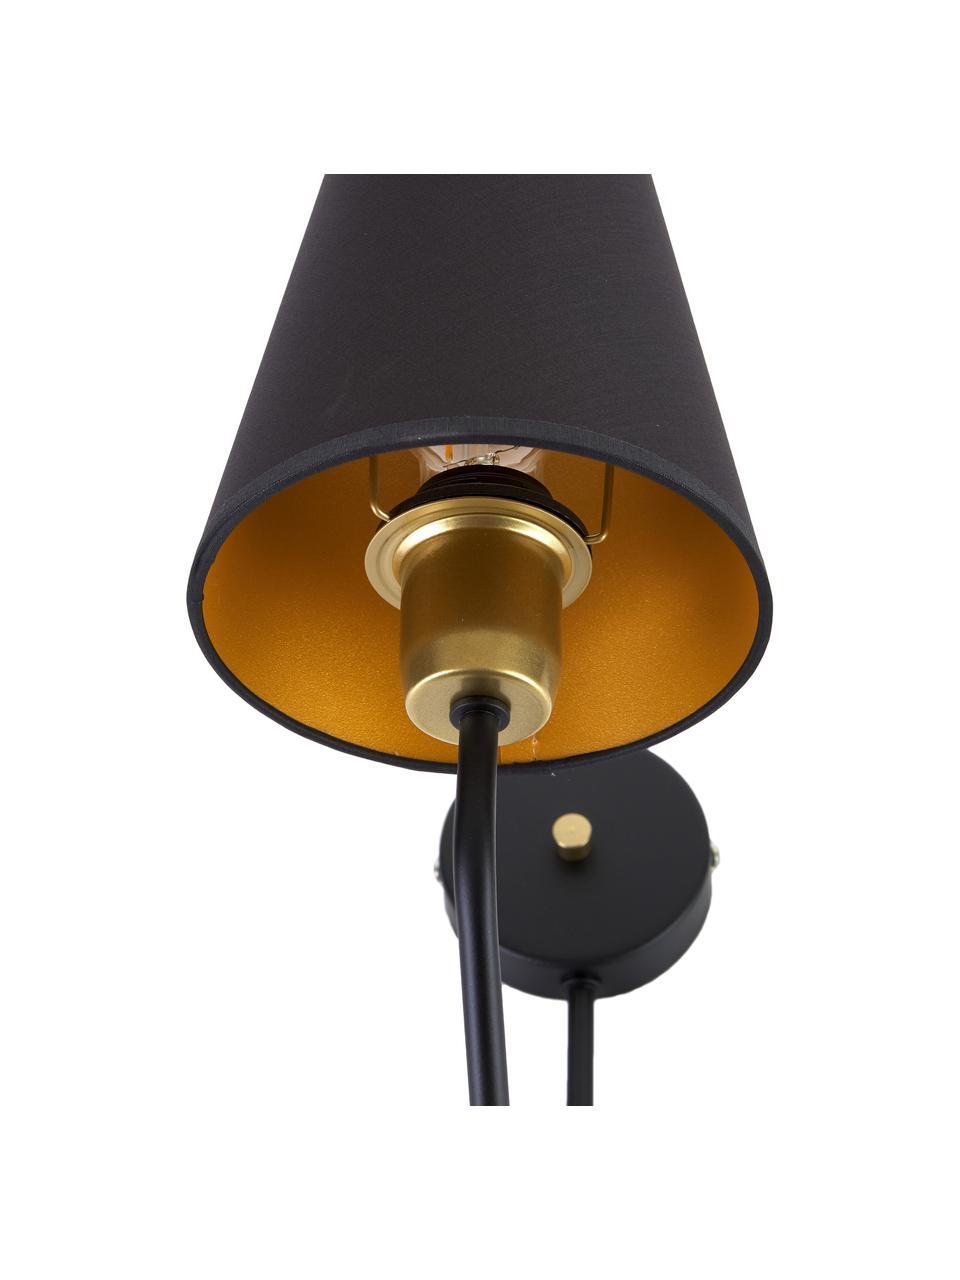 Lampade a muro, applique da parete, plafoniere moderne e faretti a led: Lampada Da Parete Di Design Victoria Westwingnow